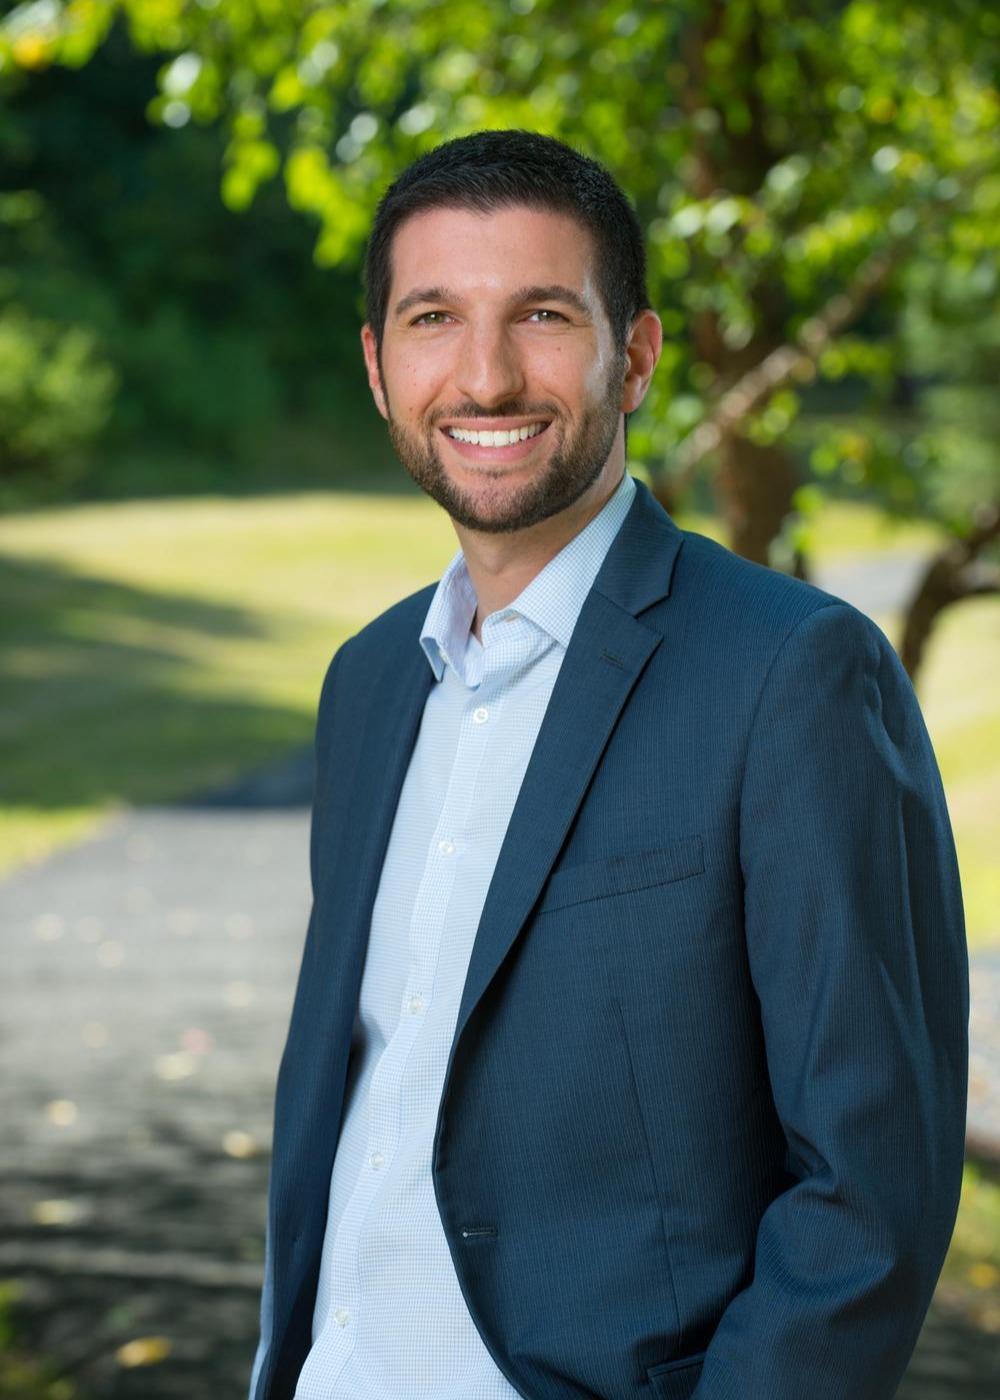 Daniel Weitz, CFP®, CFA Photo